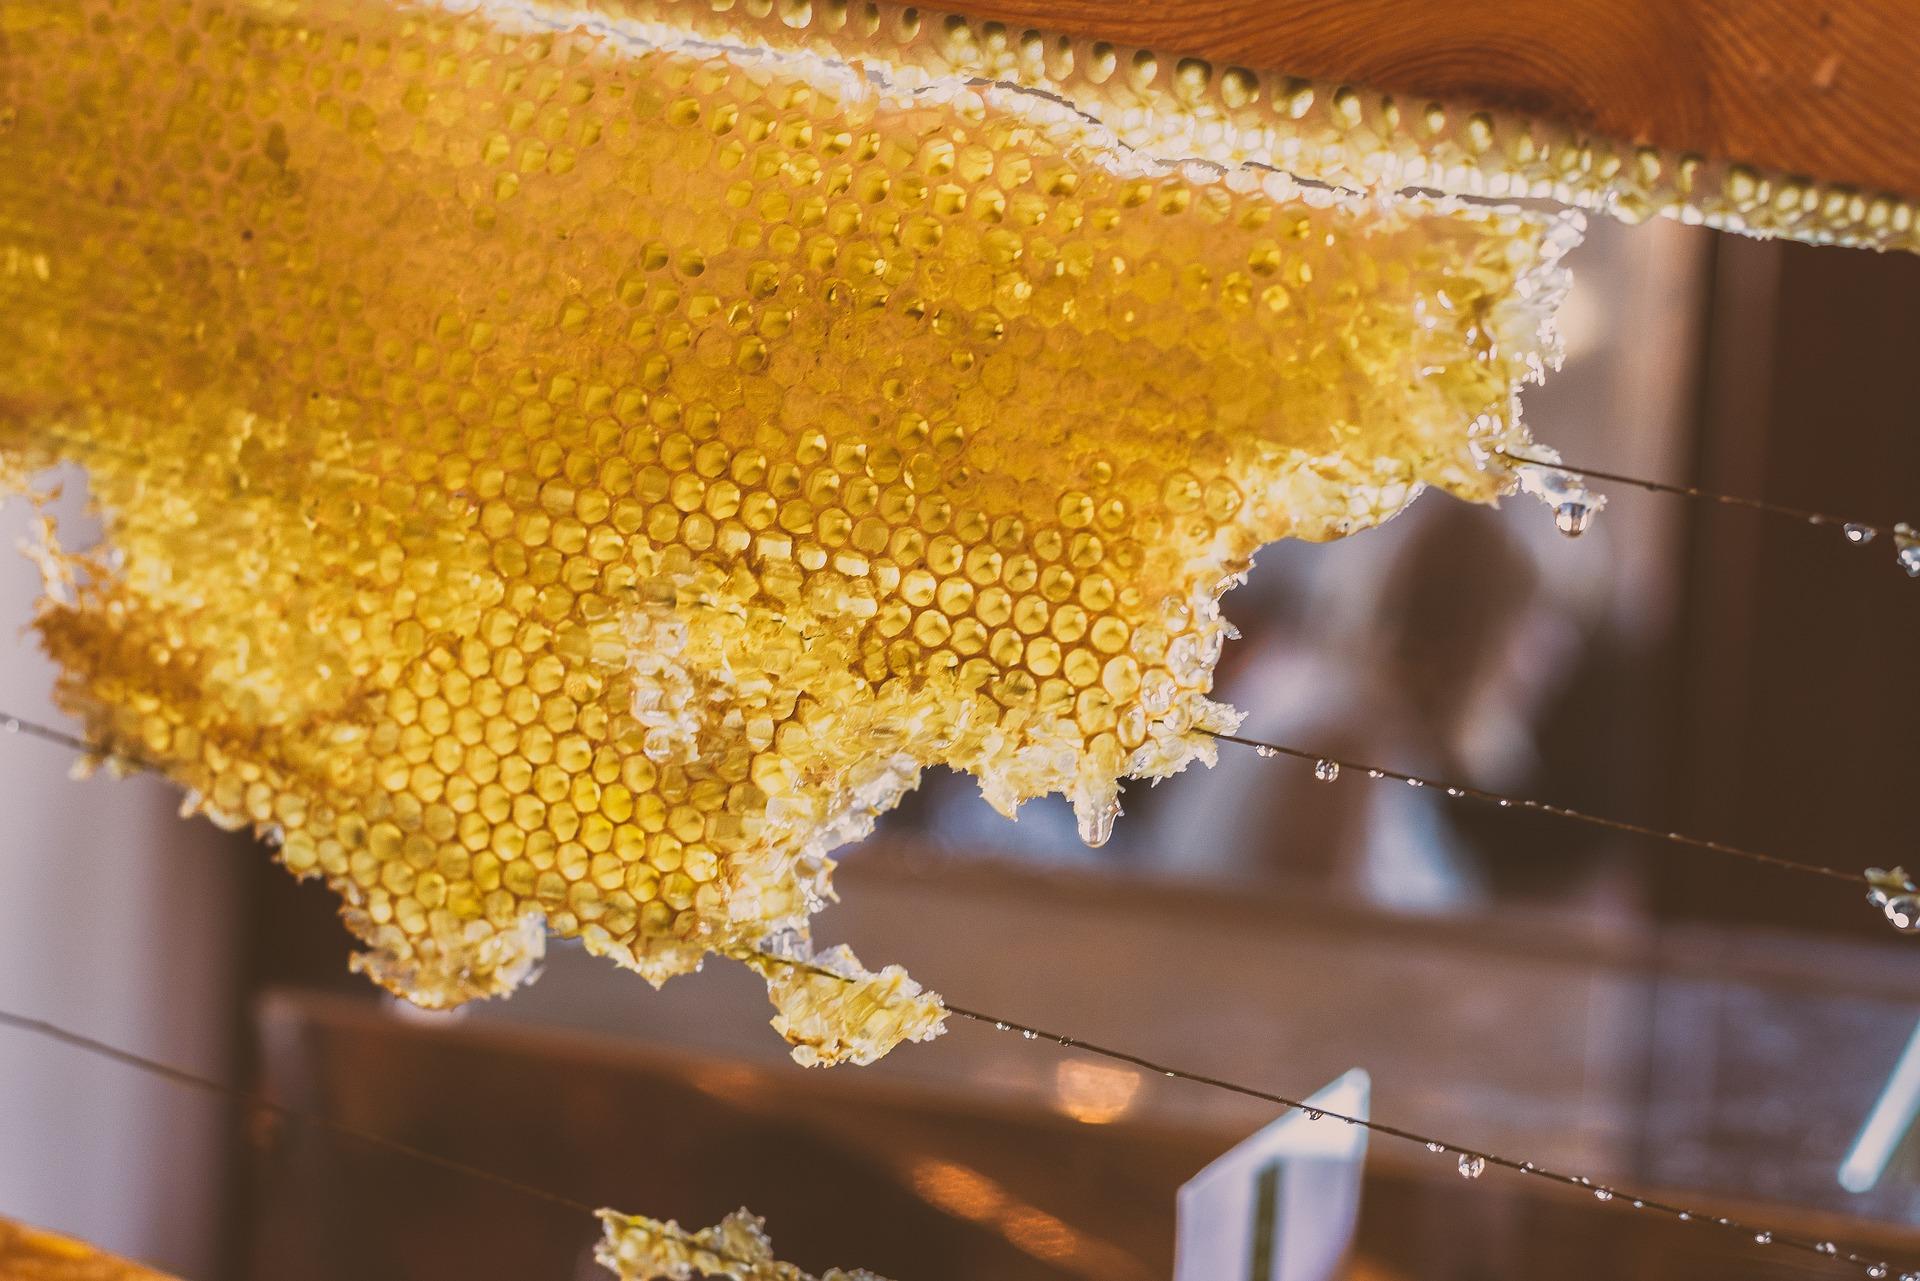 honey-2595679_1920